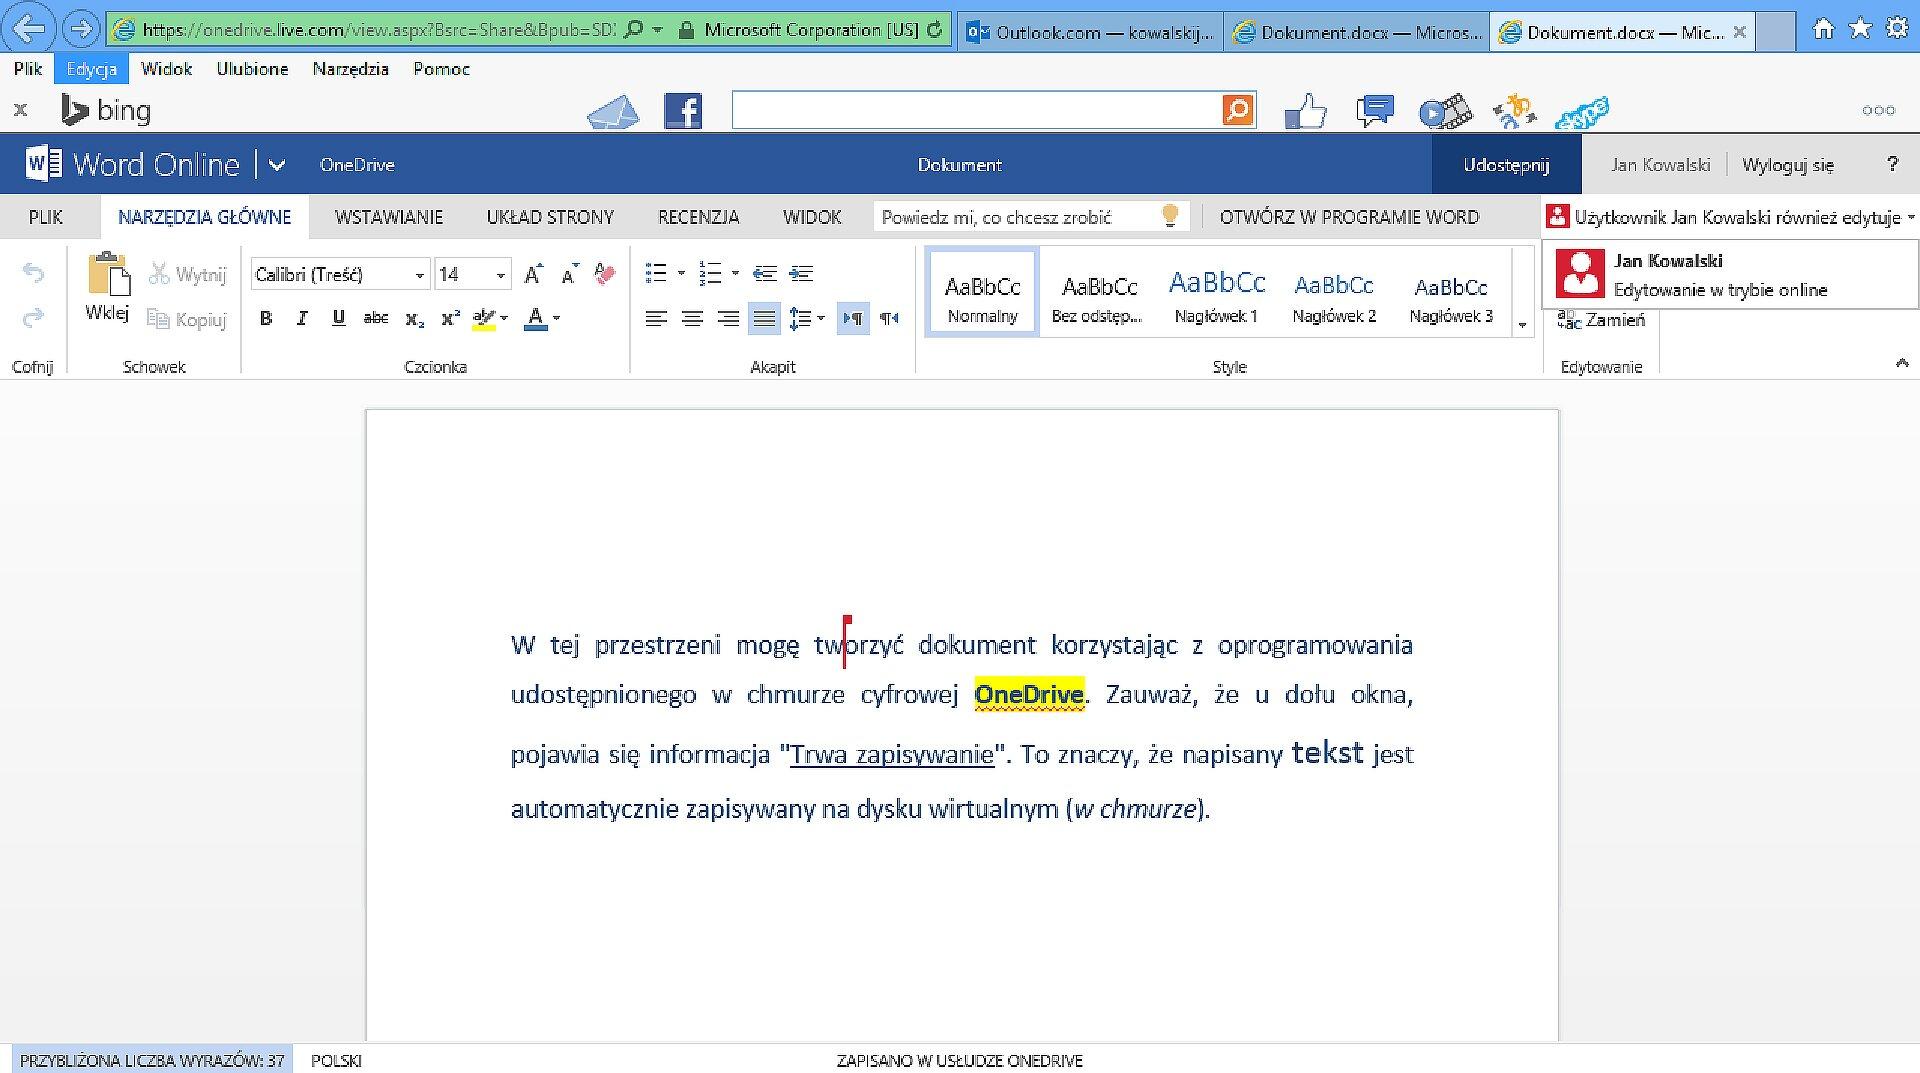 Zrzut fragmentu dokumentu edytowanego wusłudze OneDrive zwidoczną modyfikacją